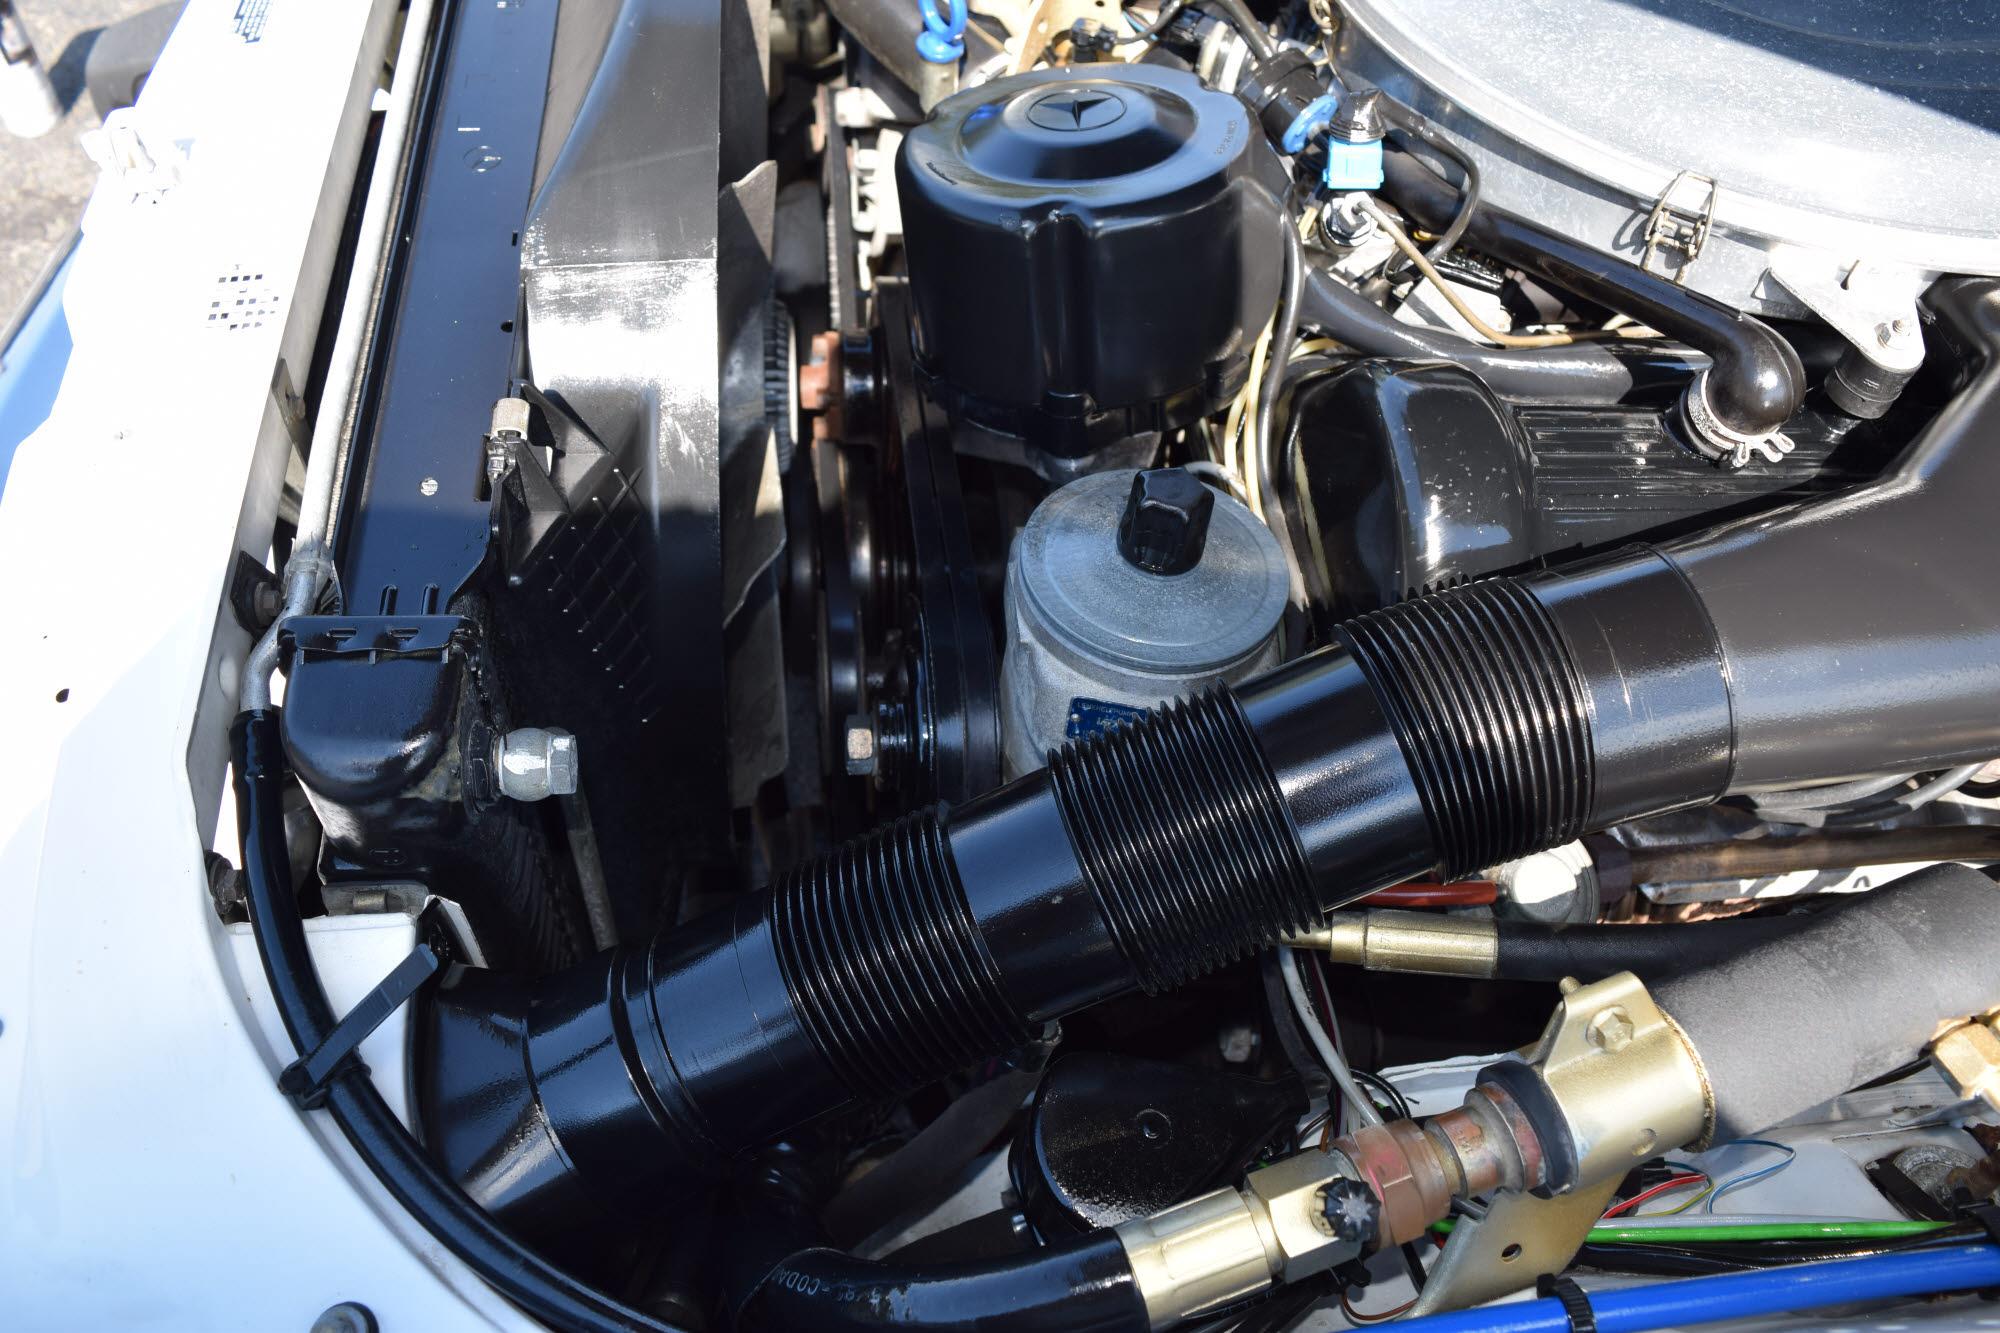 Dsc 0926 Star Motors Ny Star Motors Ny